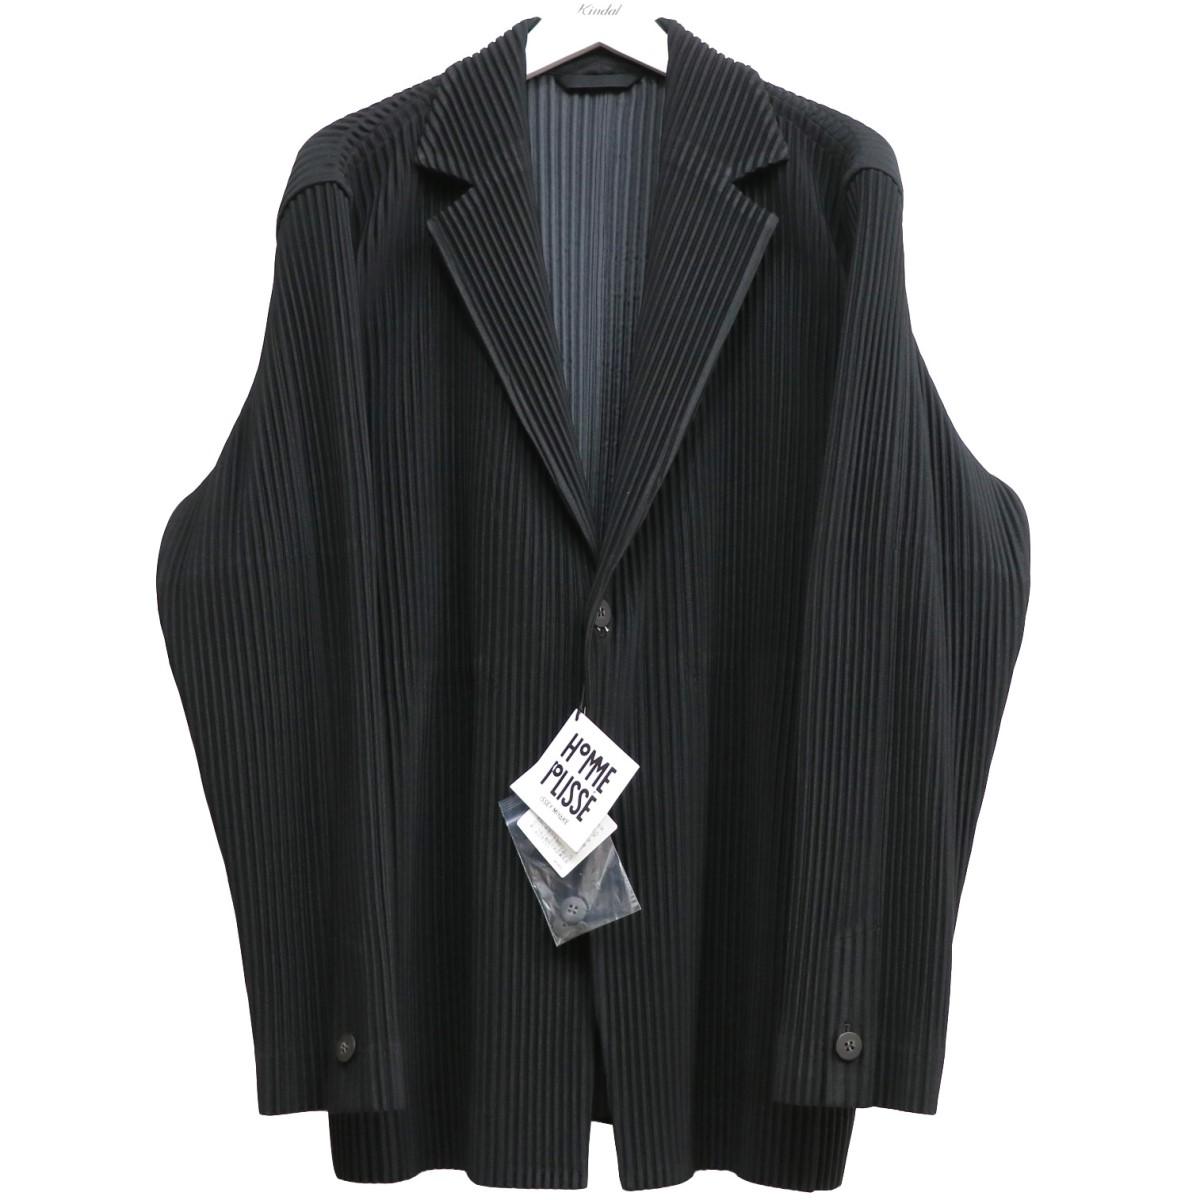 【中古】HOMME PLISSE ISSEY MIYAKE BASICSシーズンレスプリーツジャケット ブラック サイズ:3 【020920】(オム プリッセ イッセイミヤケ)